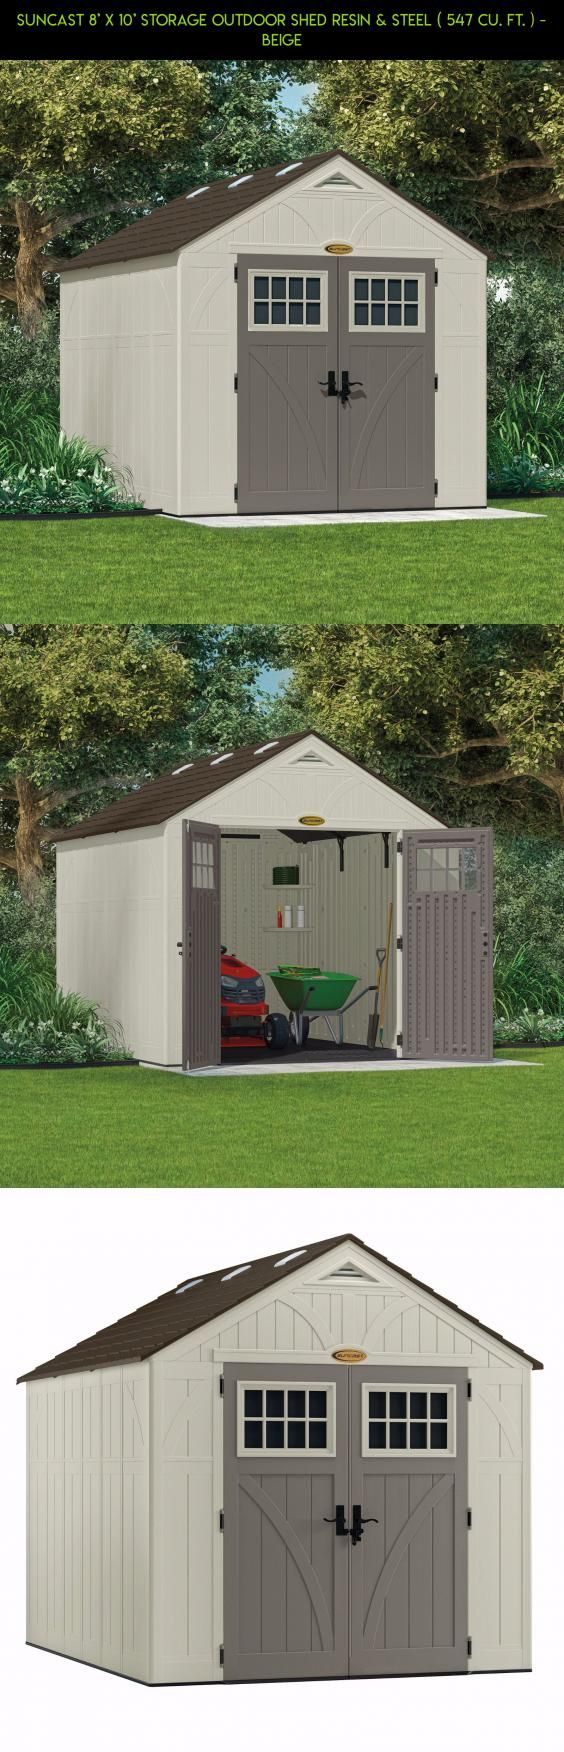 suncast 8 u0027 x 10 u0027 storage outdoor shed resin u0026 steel 547 cu ft